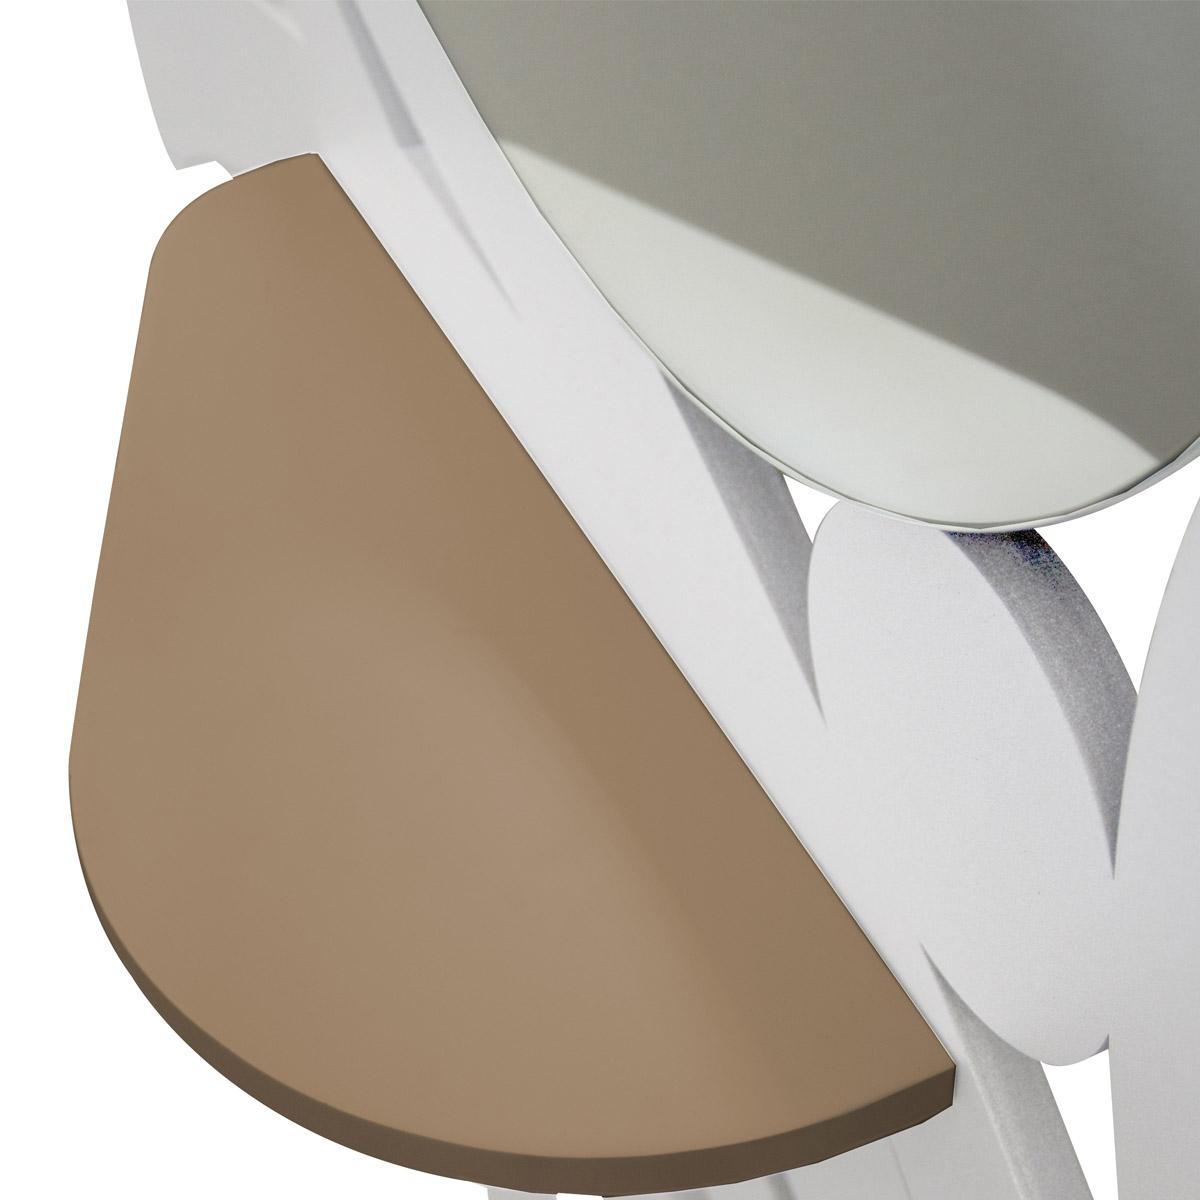 L:A:S - Laser Art Style - SPECCHIERA-MENSOLA E APPENDIABITI  DESIGN MODERNO SI-287 BIANCO-NOCCIOLA